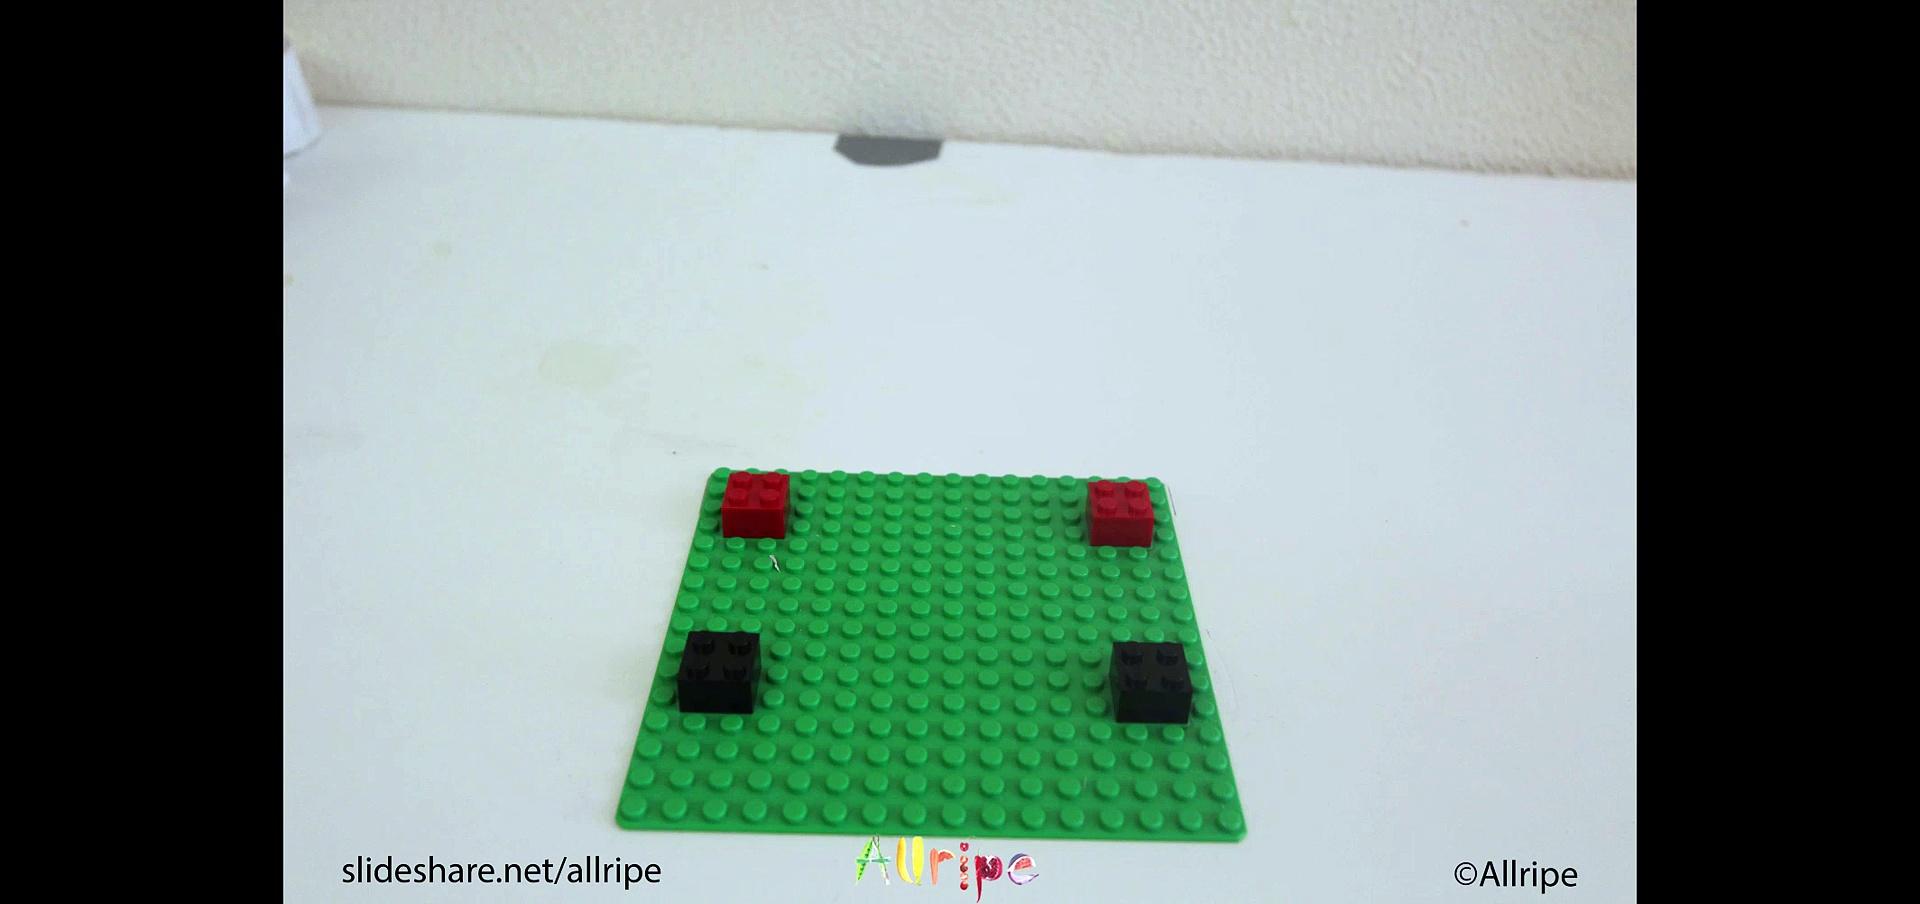 Aquaponics Model